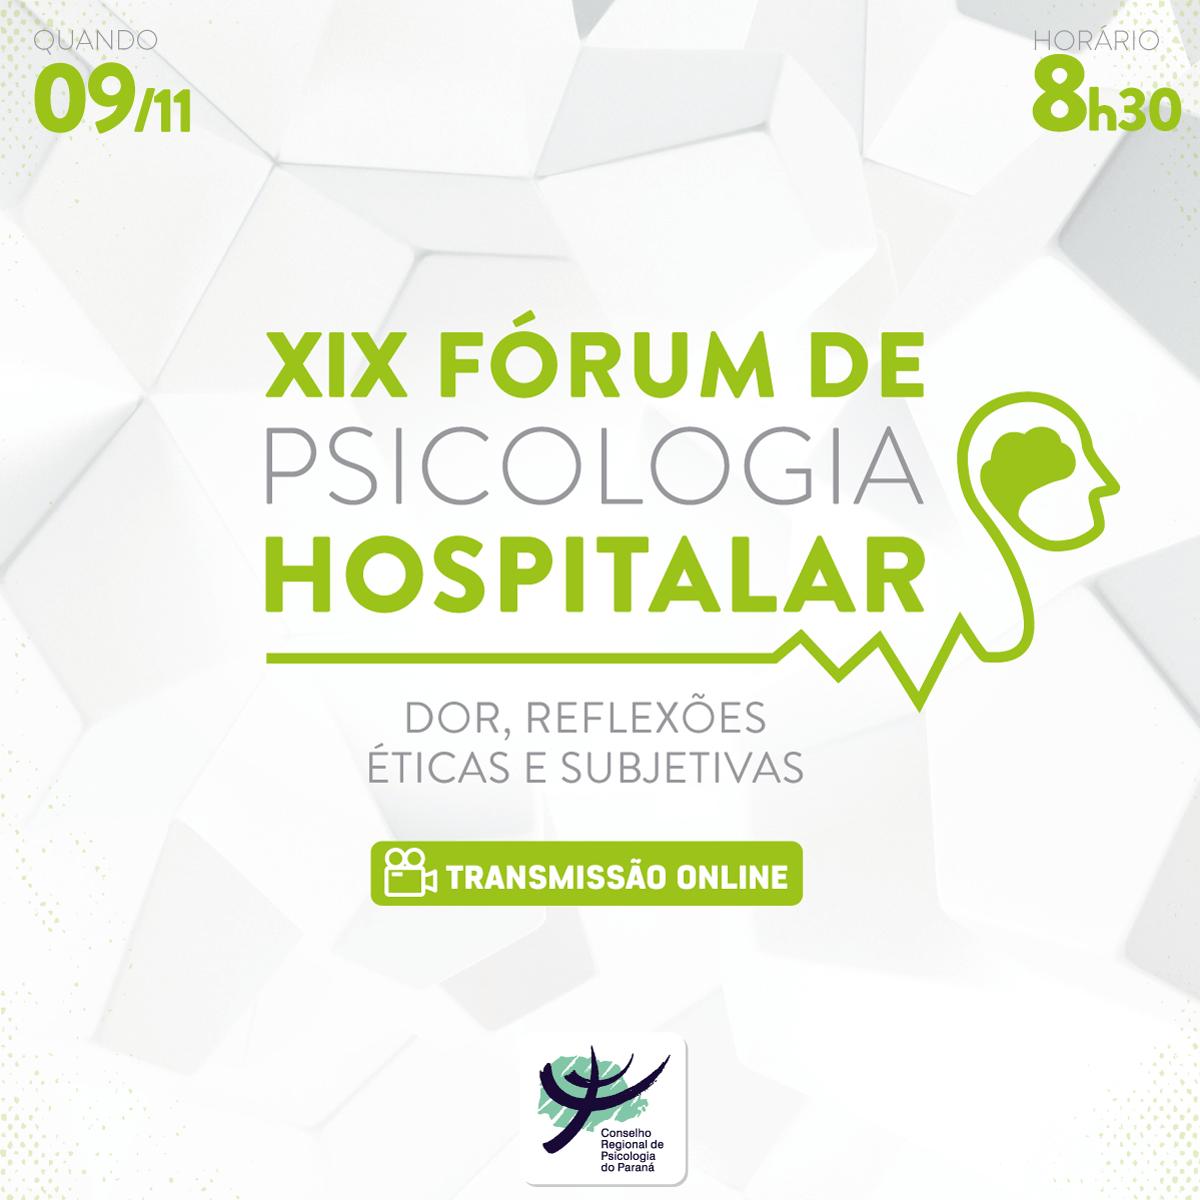 XIX Fórum de Psicologia Hospitalar – Dor, reflexões éticas e subjetivas